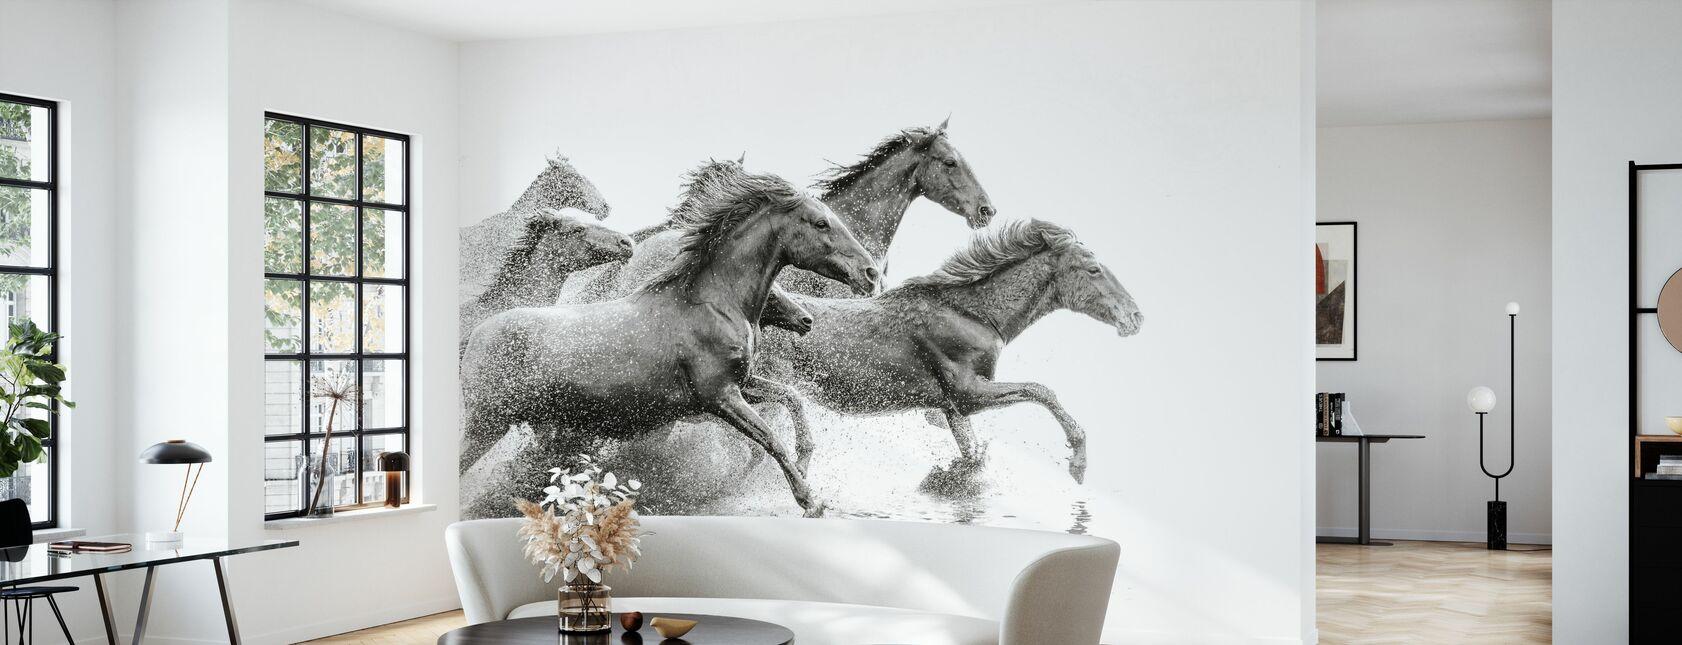 Herd of Wild Horses - Wallpaper - Living Room